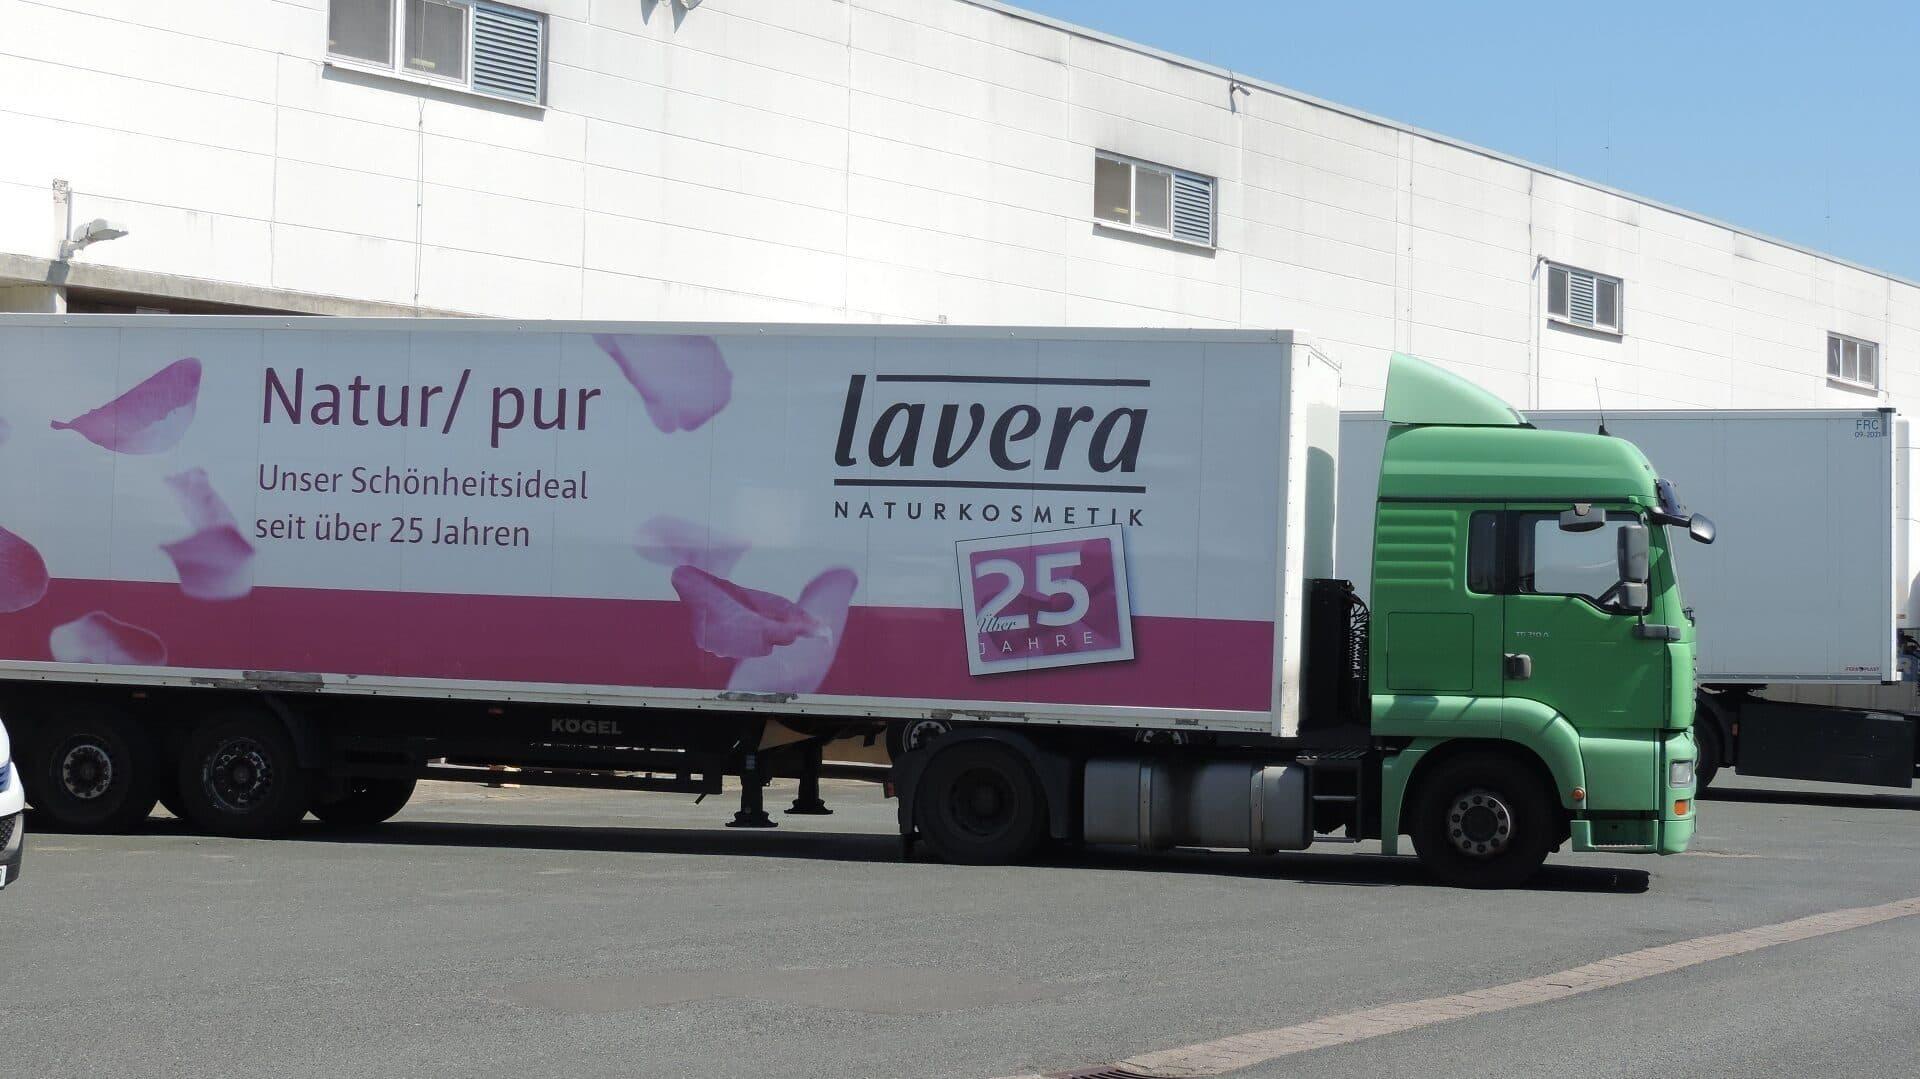 Lkw von Lavera